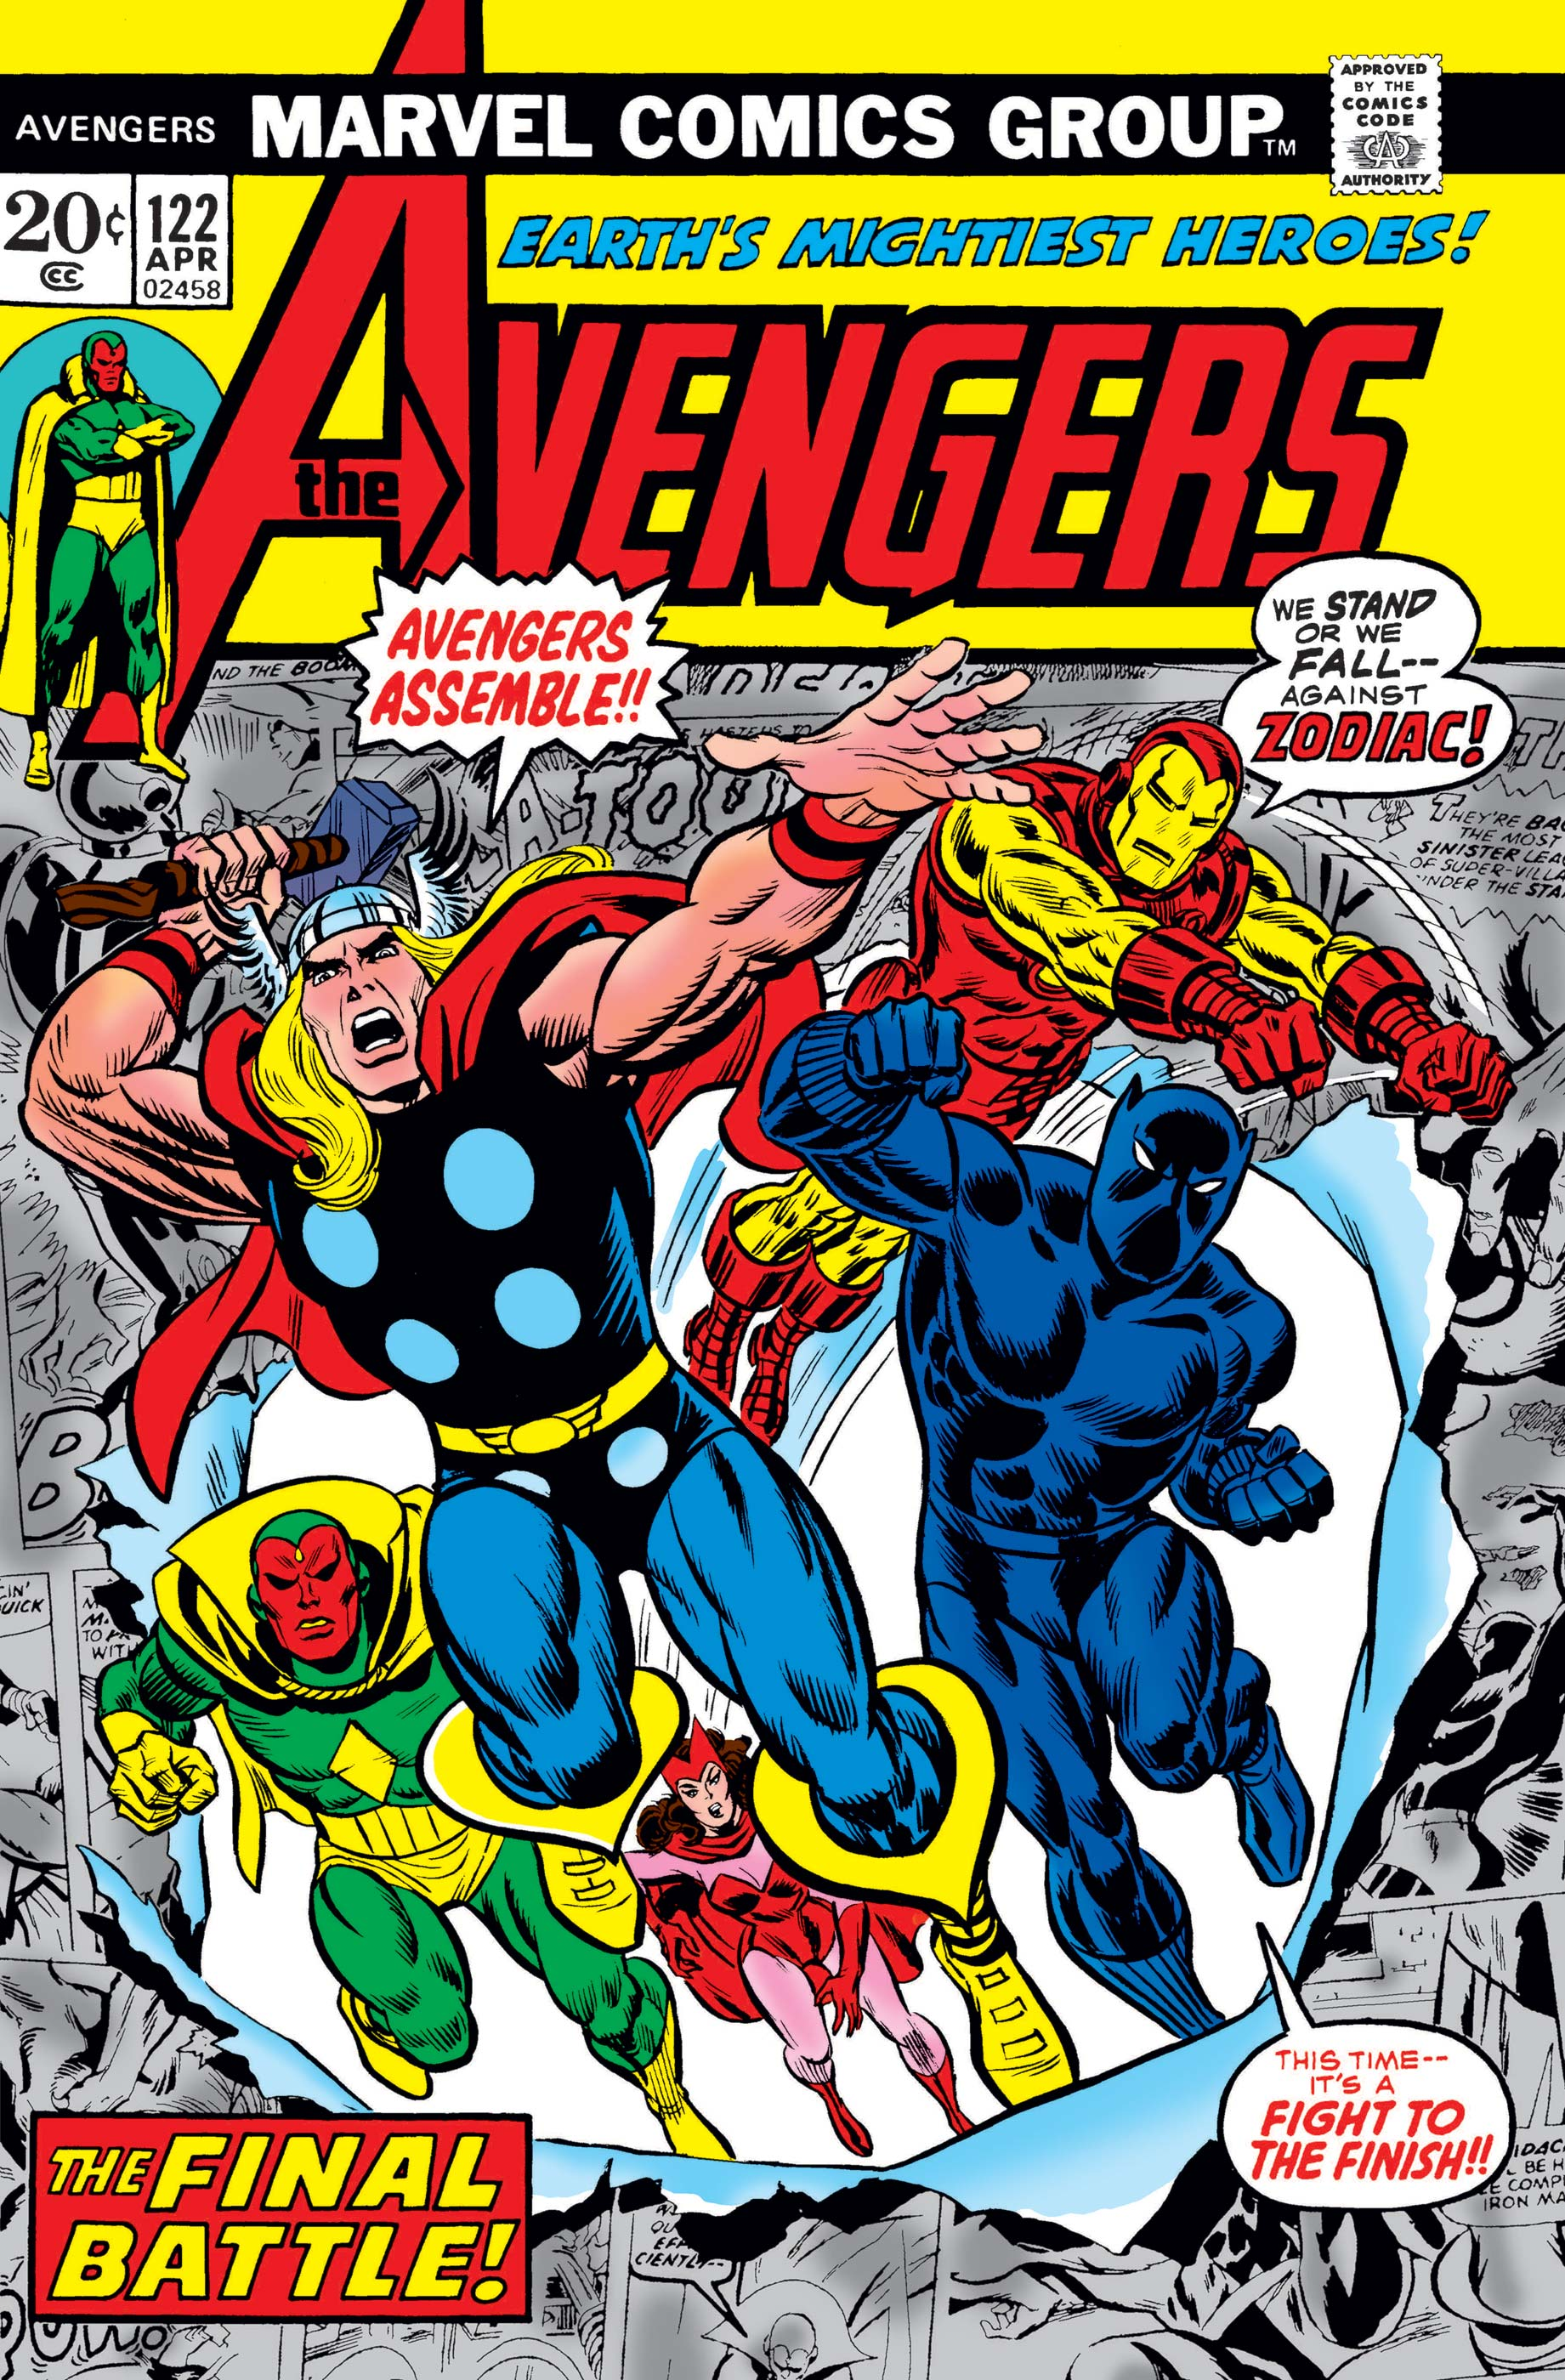 Avengers (1963) #122